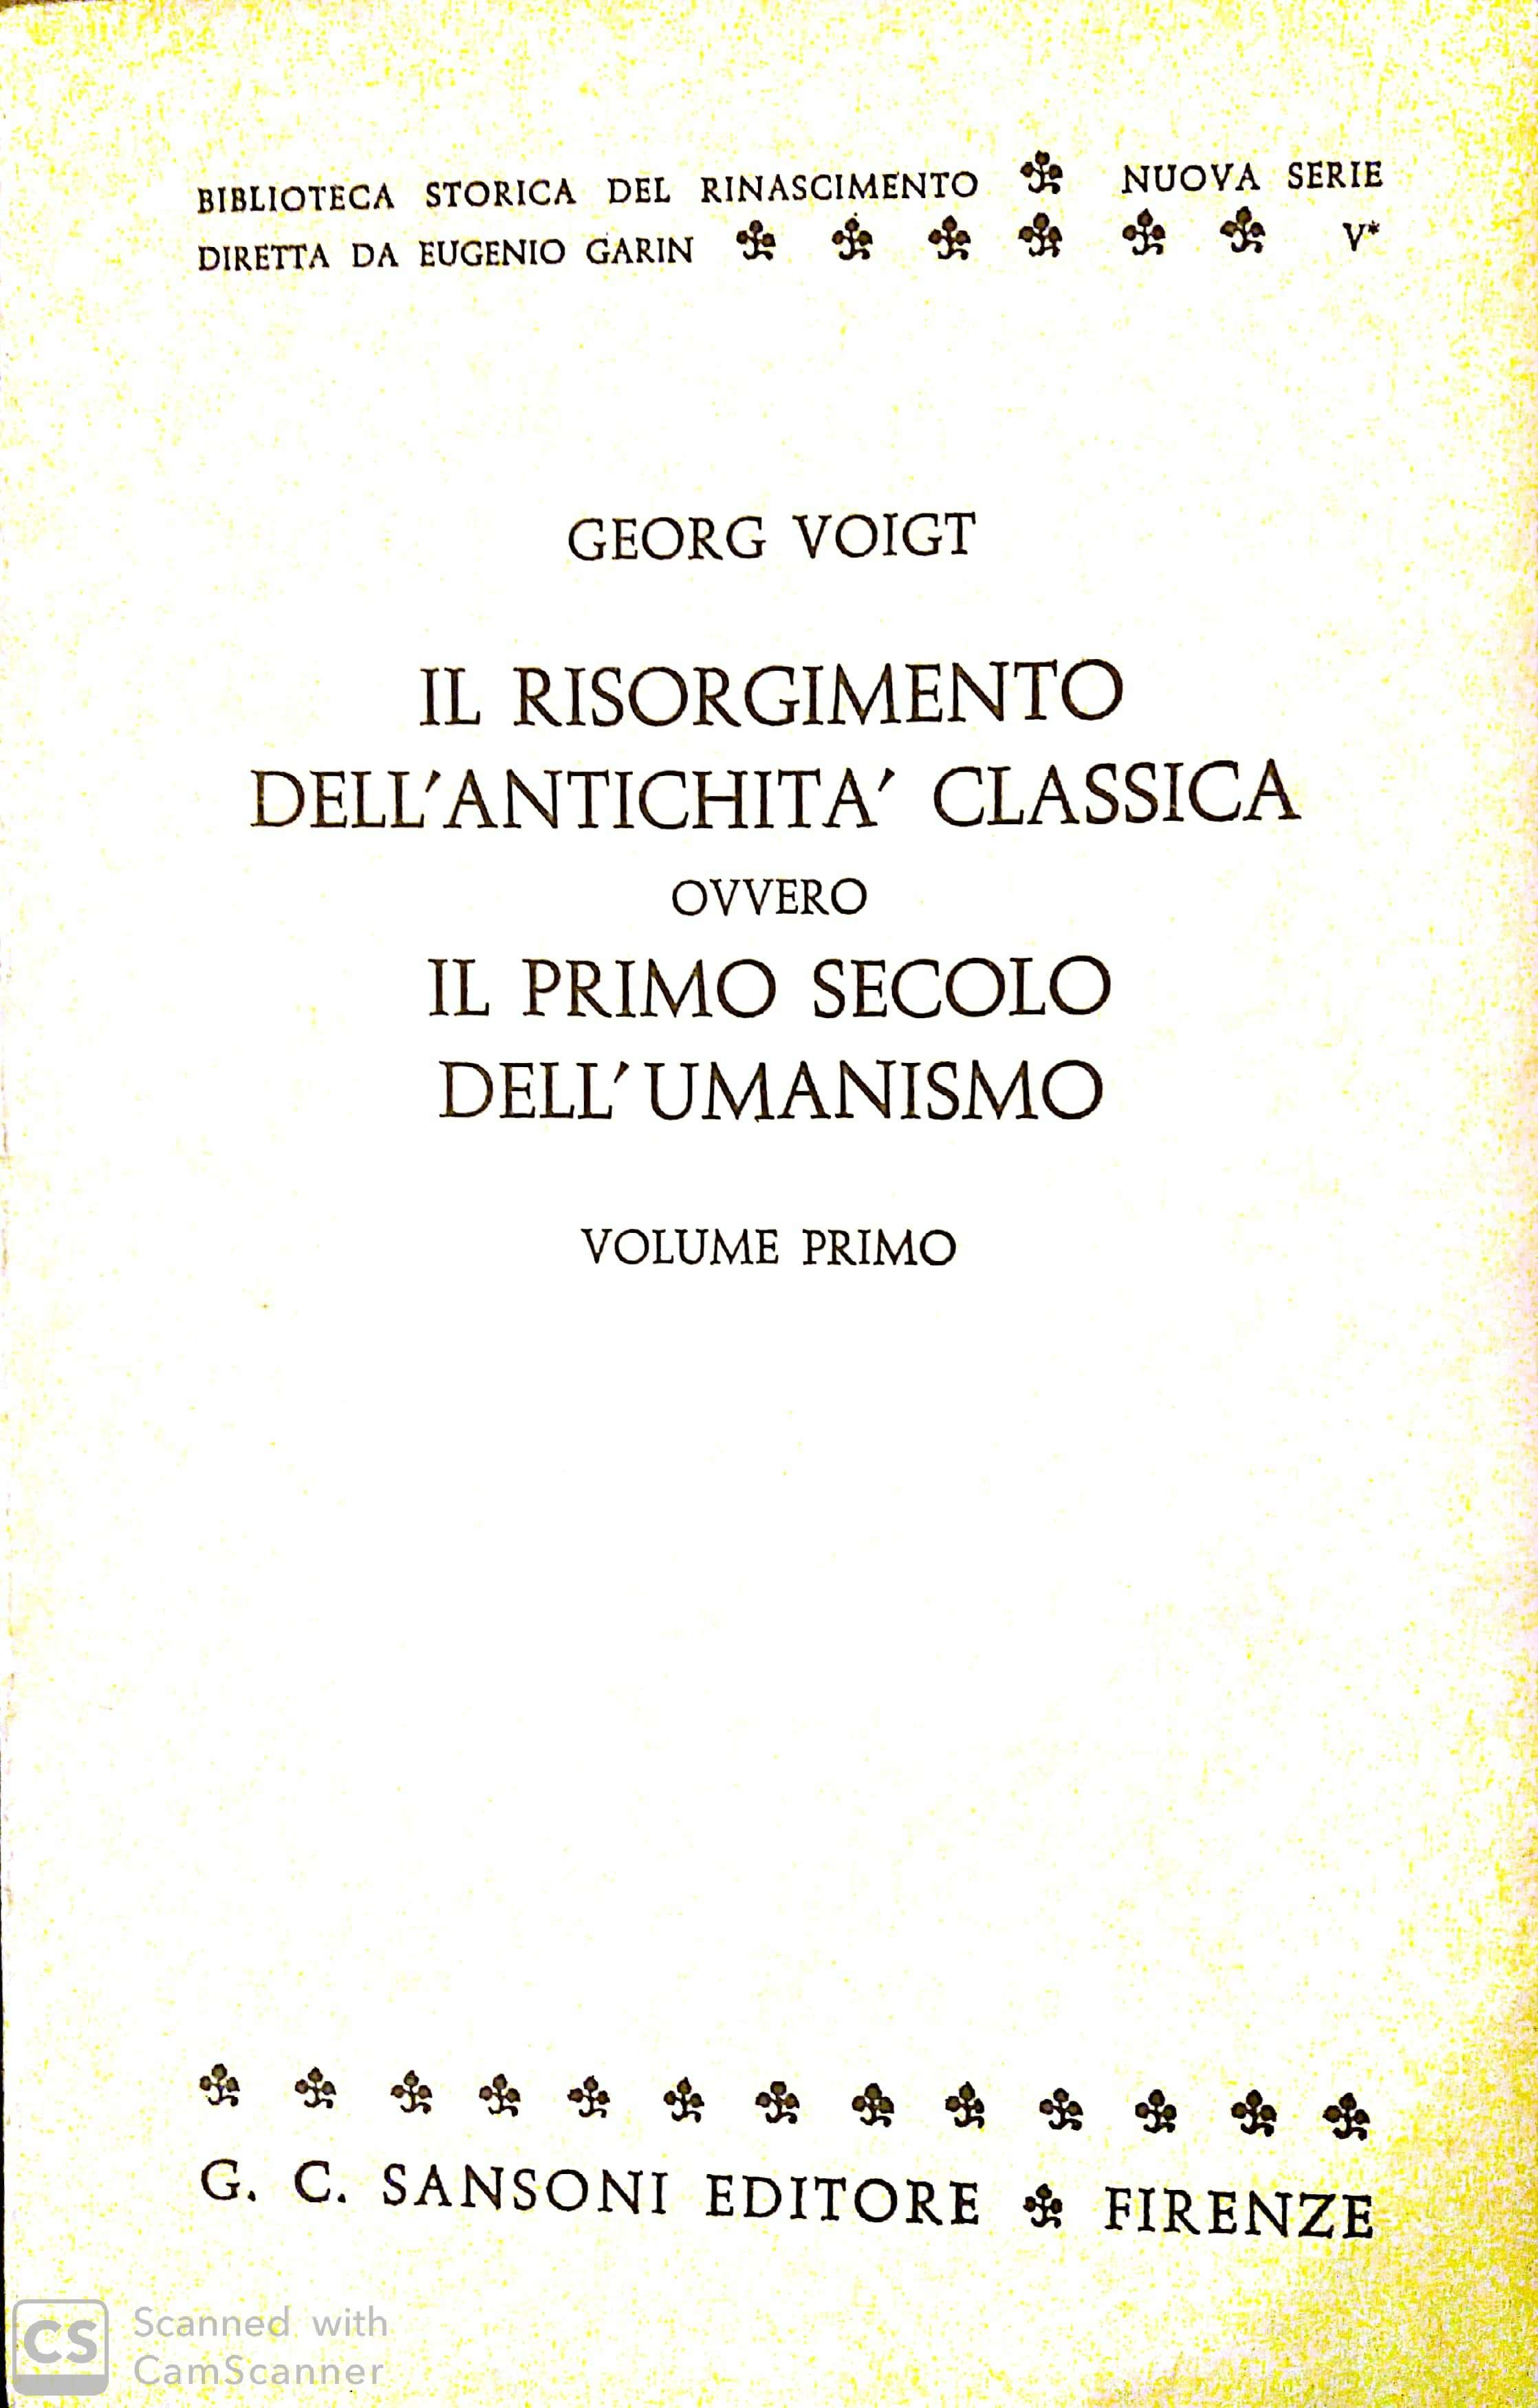 Il Risorgimento dell'antichità classica, ovvero il primo secolo dell'Umanismo - Vol. 1